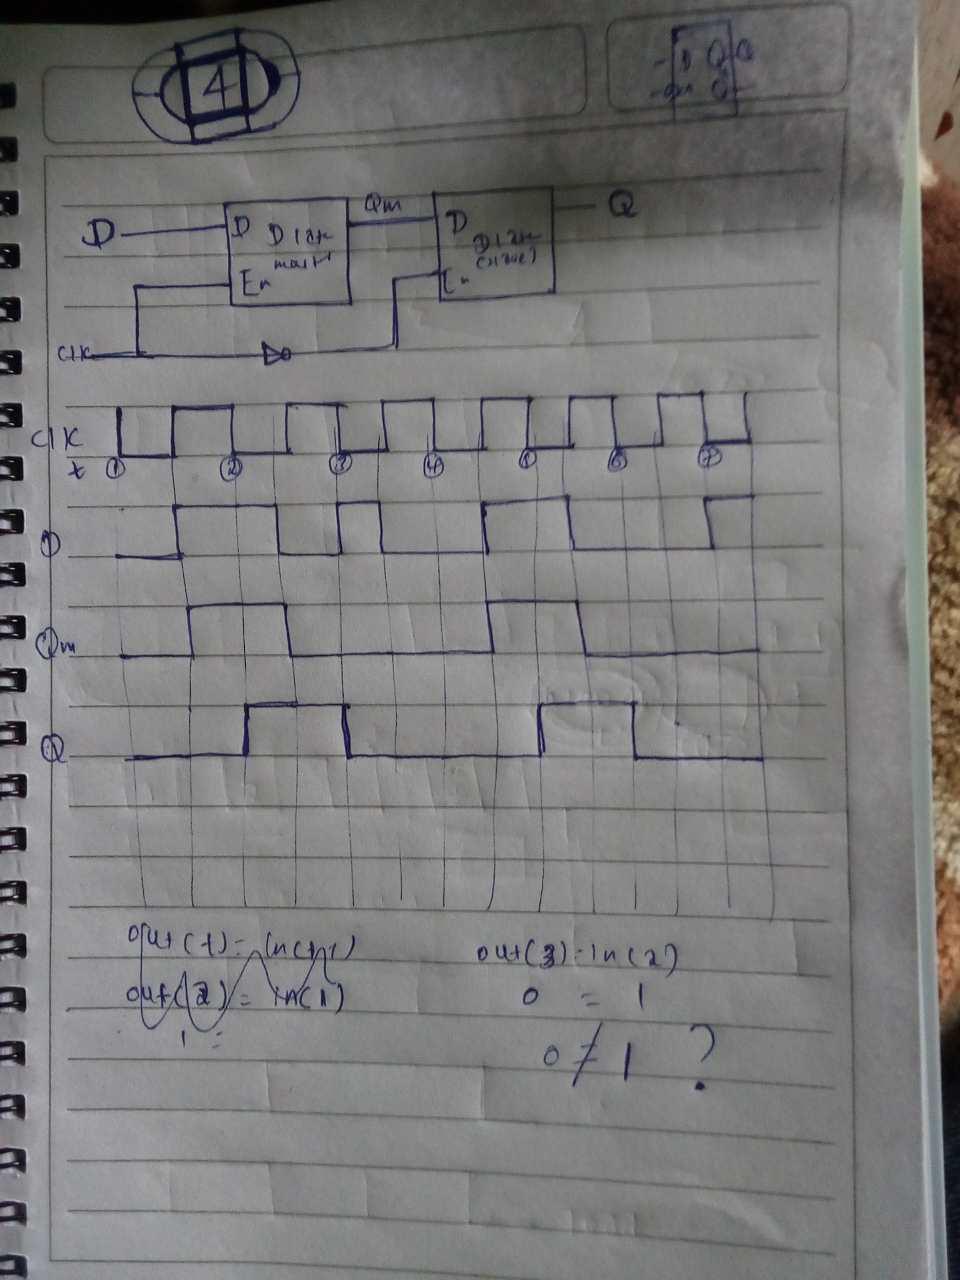 d flip flop logic circuit